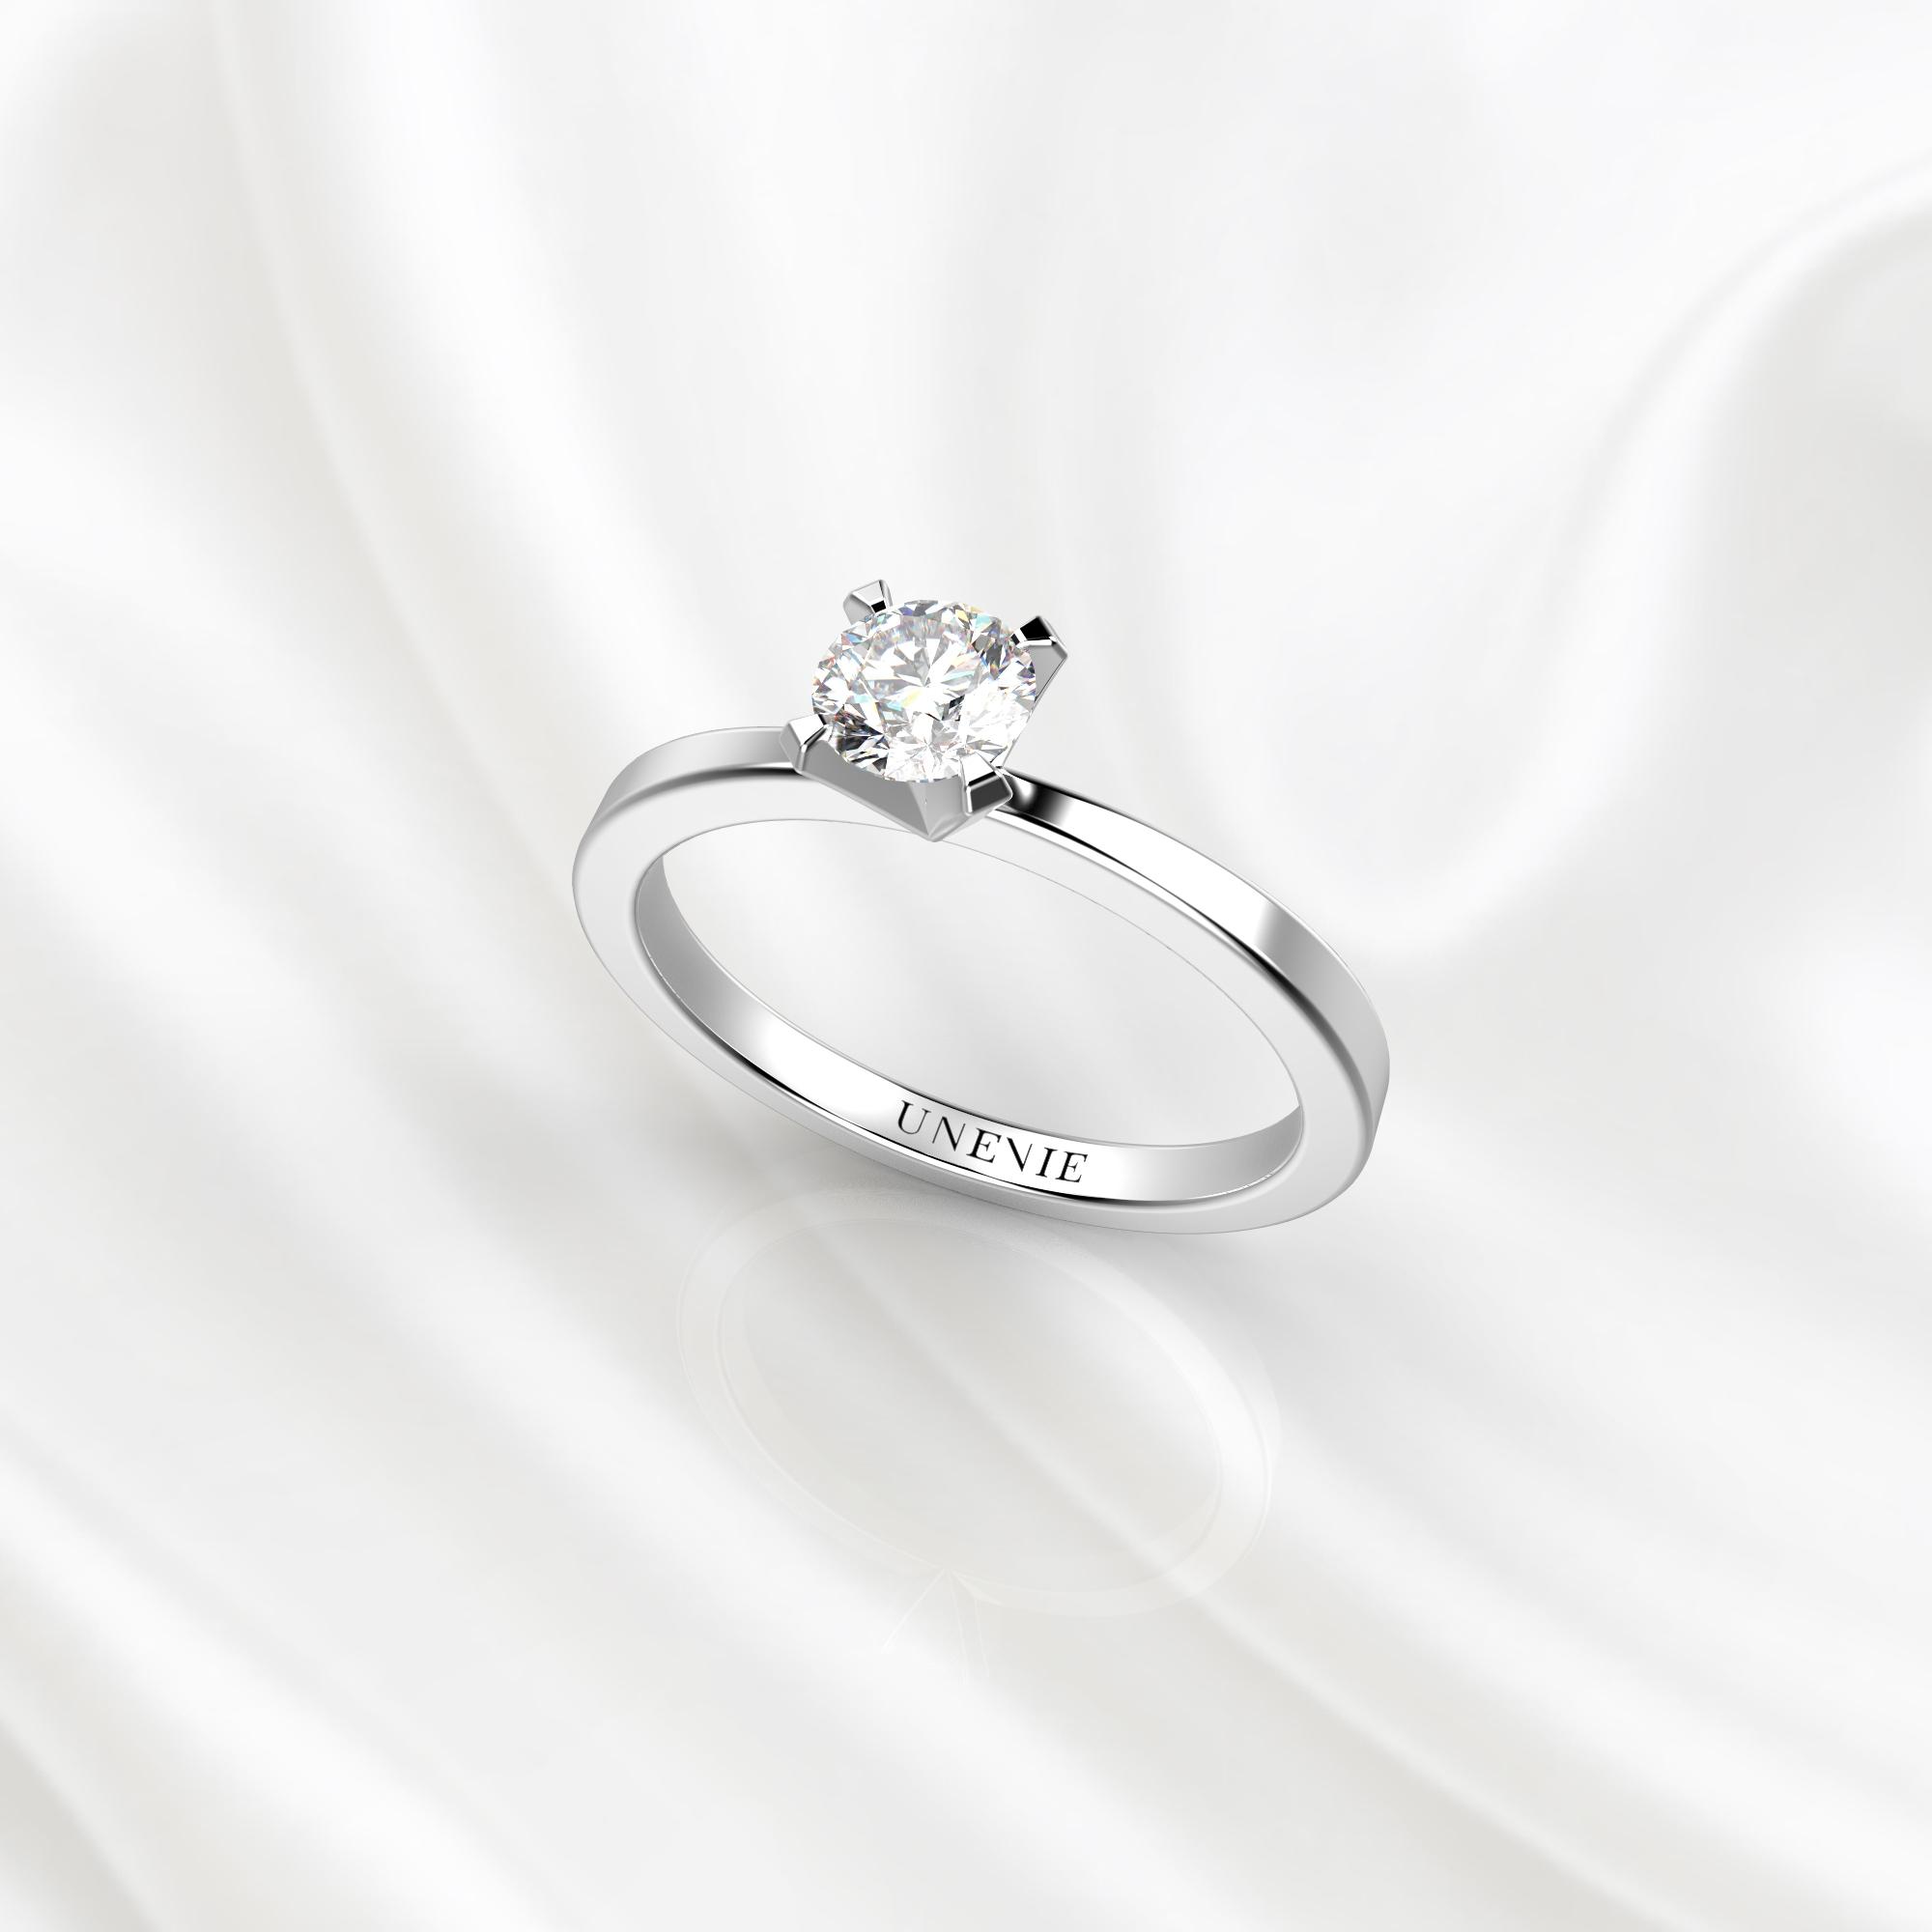 N24 Помолвочное кольцо из белого золота с бриллиантом 0.28 карат